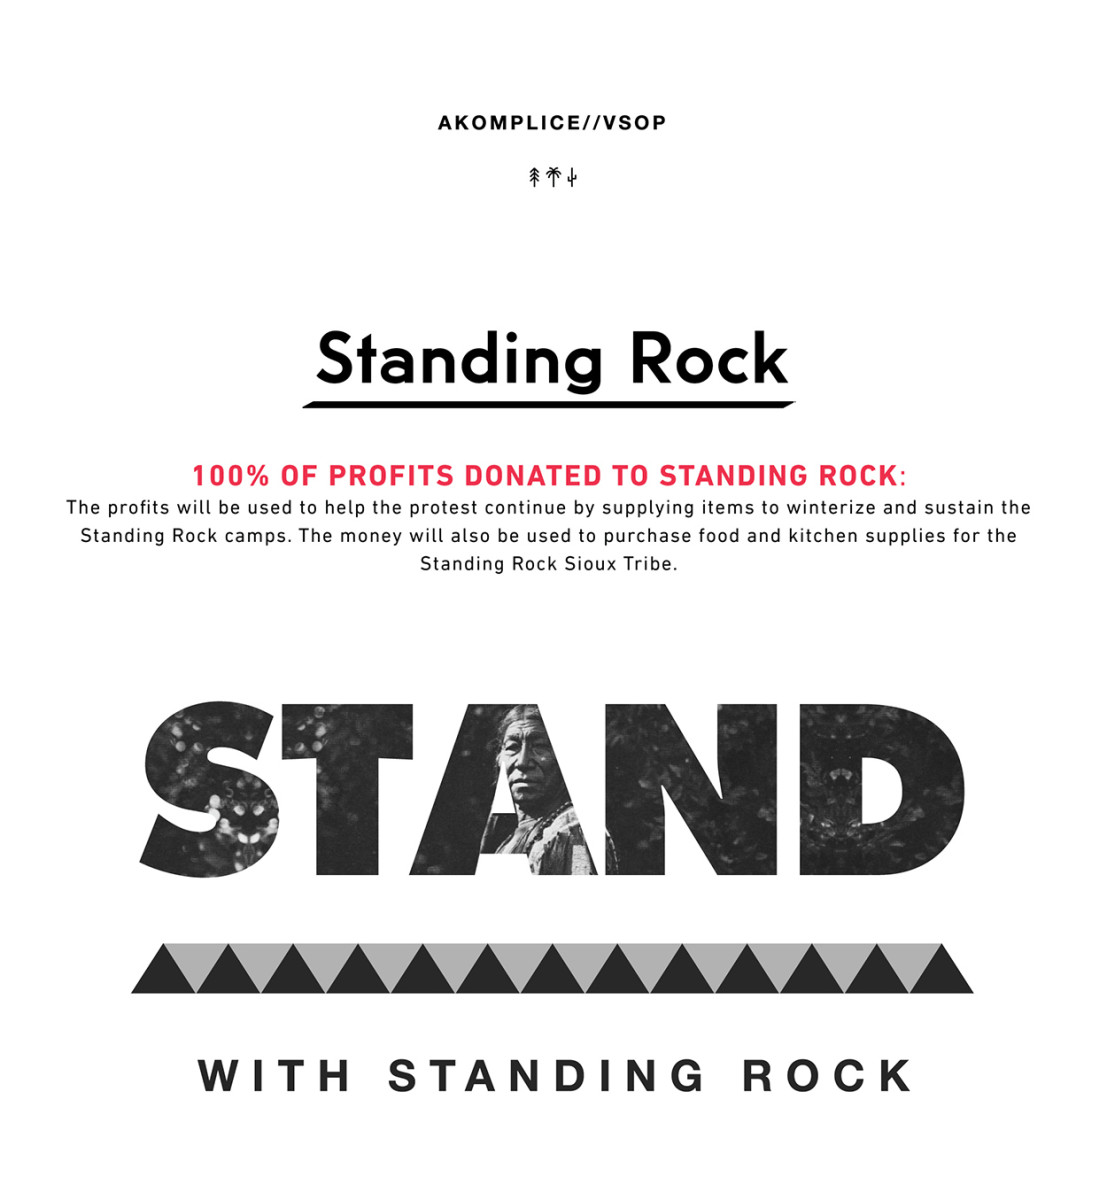 standingrock-1